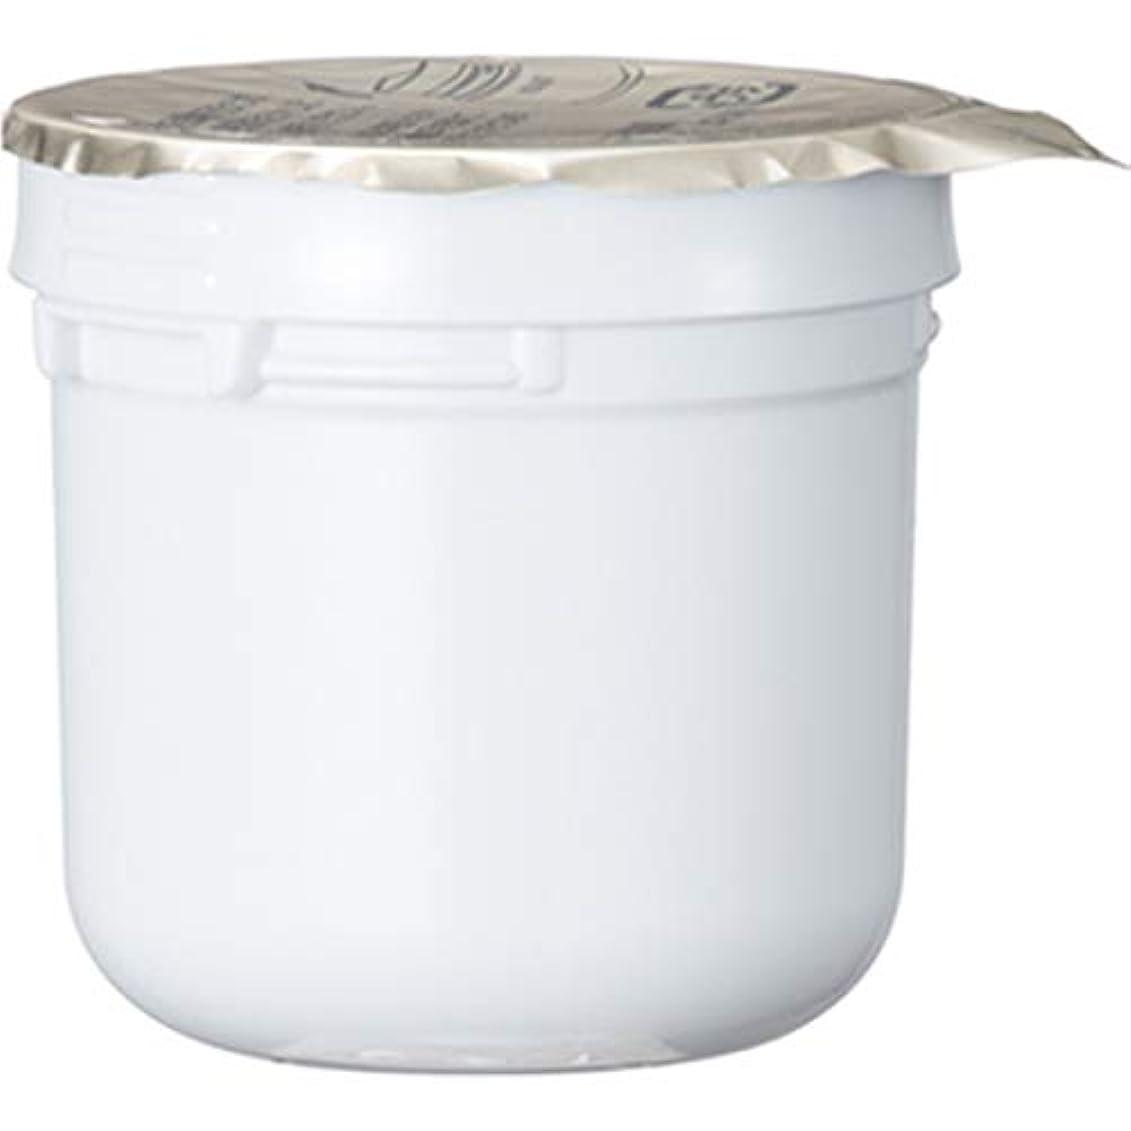 ベーカリー褐色まもなくASTALIFT(アスタリフト) ホワイト クリーム(美白クリーム)レフィル 30g [並行輸入品]